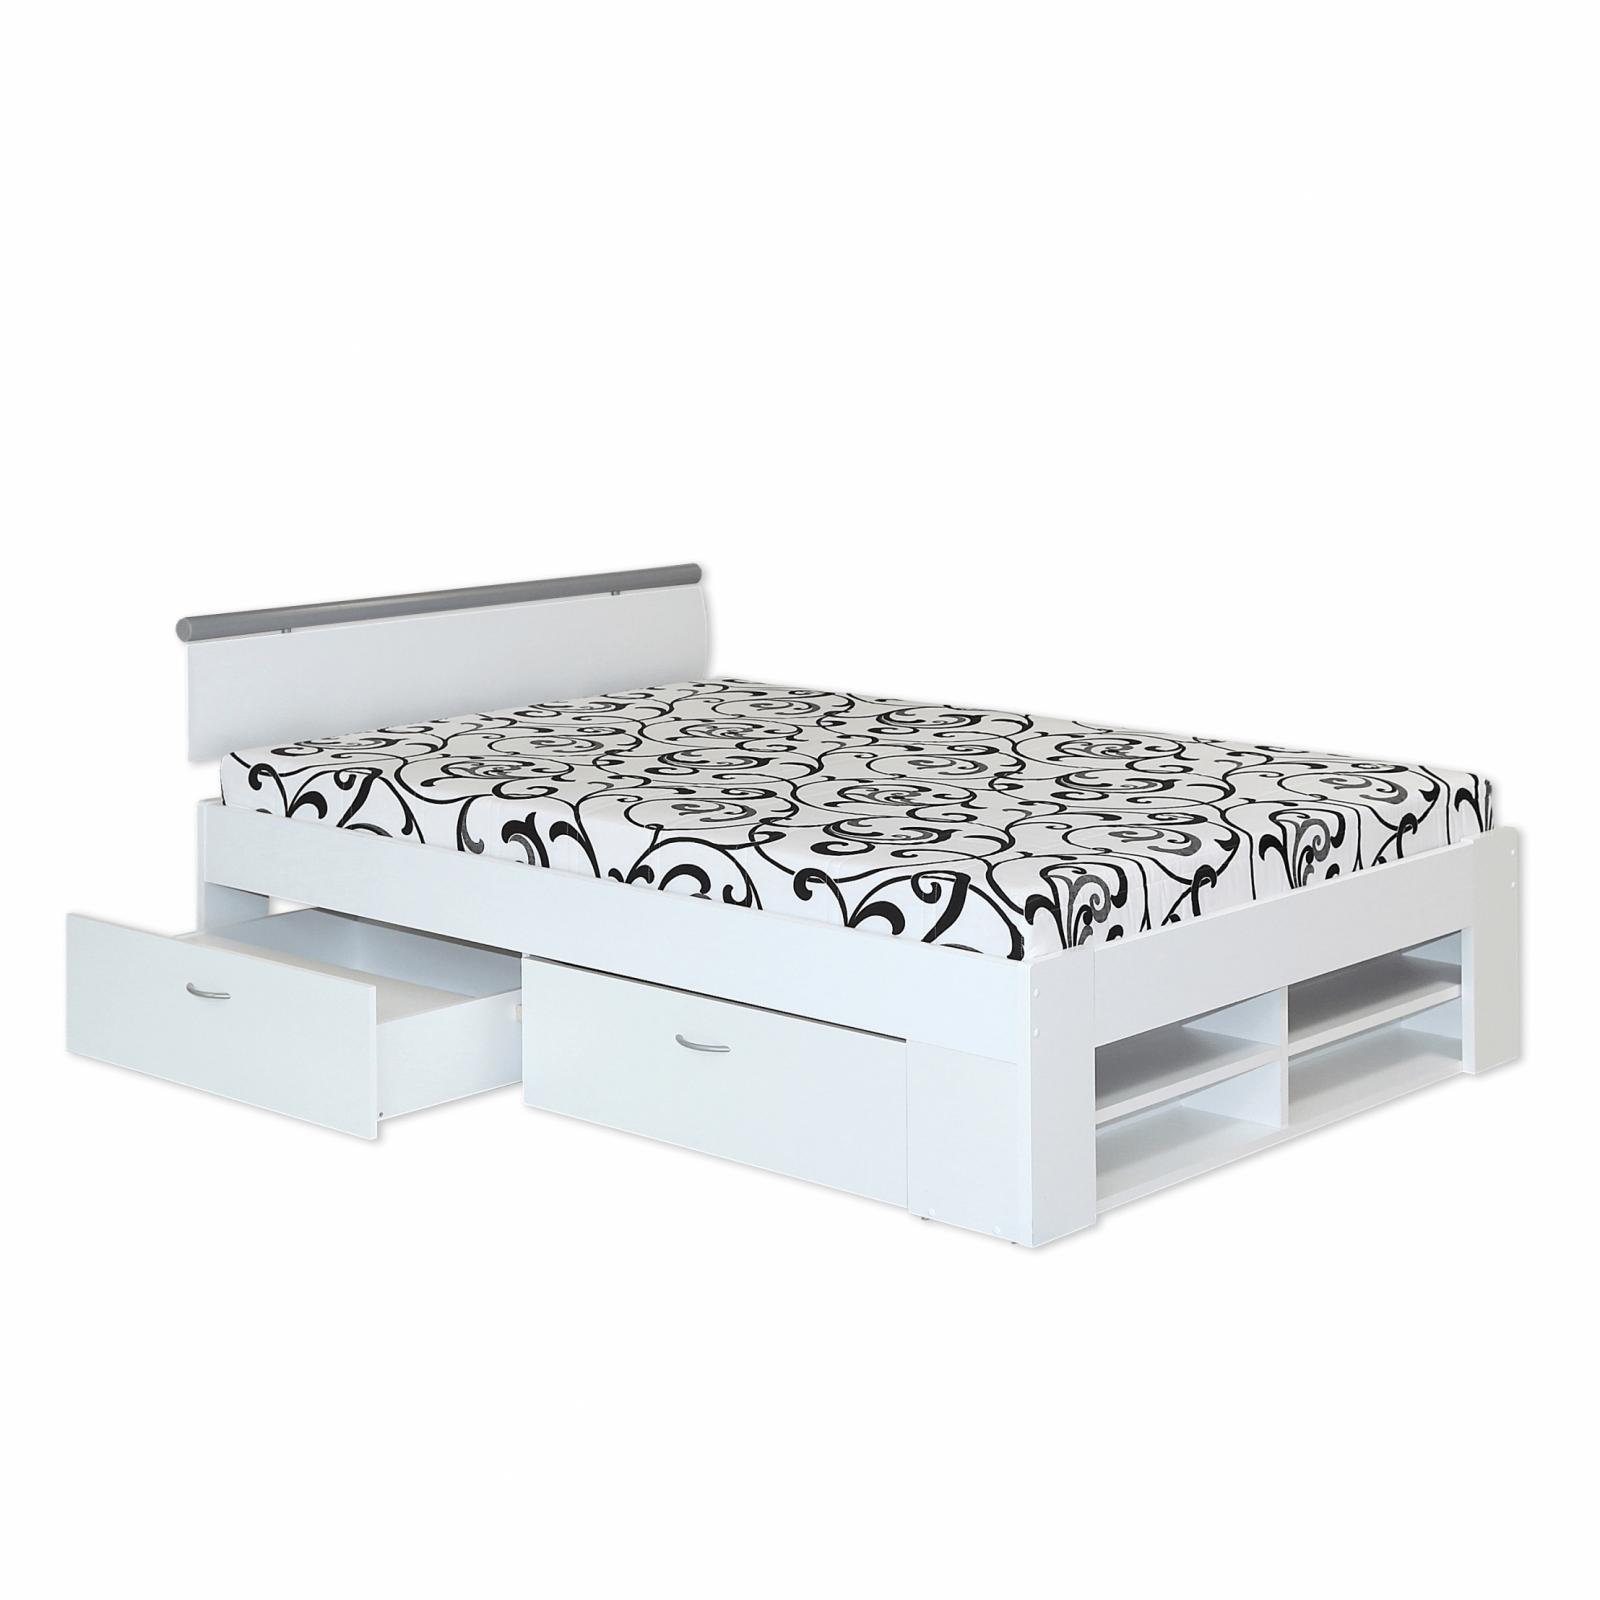 Nett Bett Mit Lattenrost Und Matratze 120X200  Neue Einrichtung In von Bett 120X200 Mit Schubladen Photo